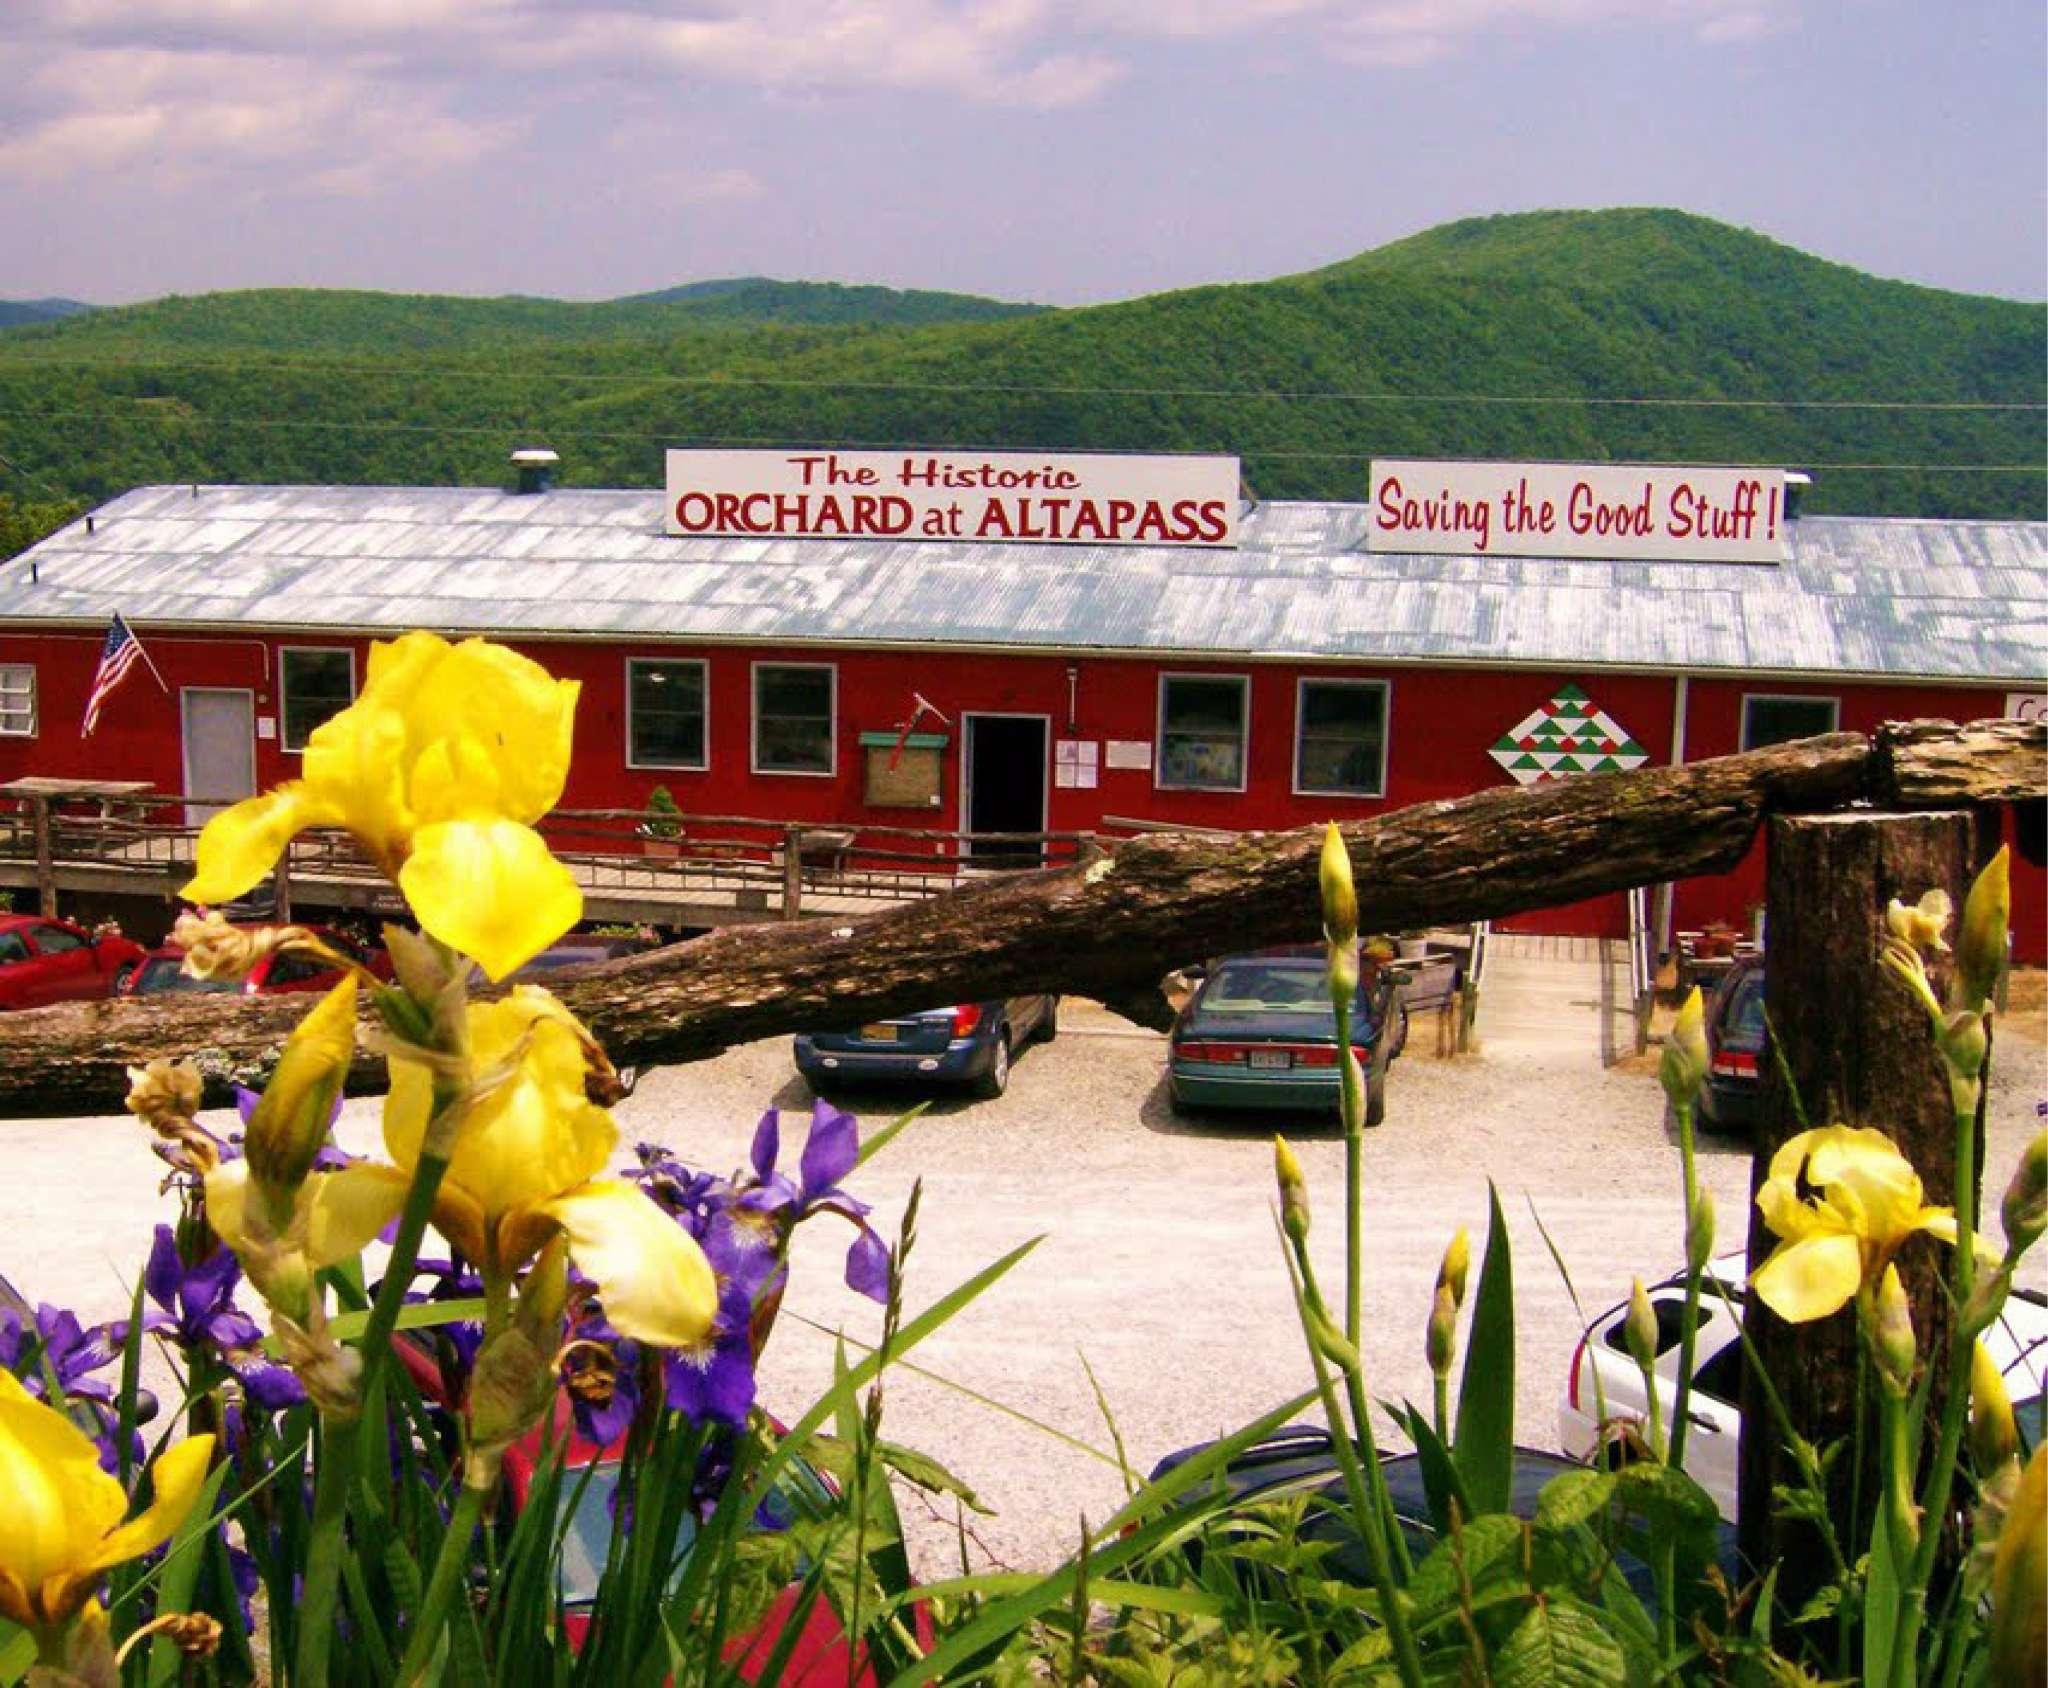 The Orchard at Altapass Thumbnail